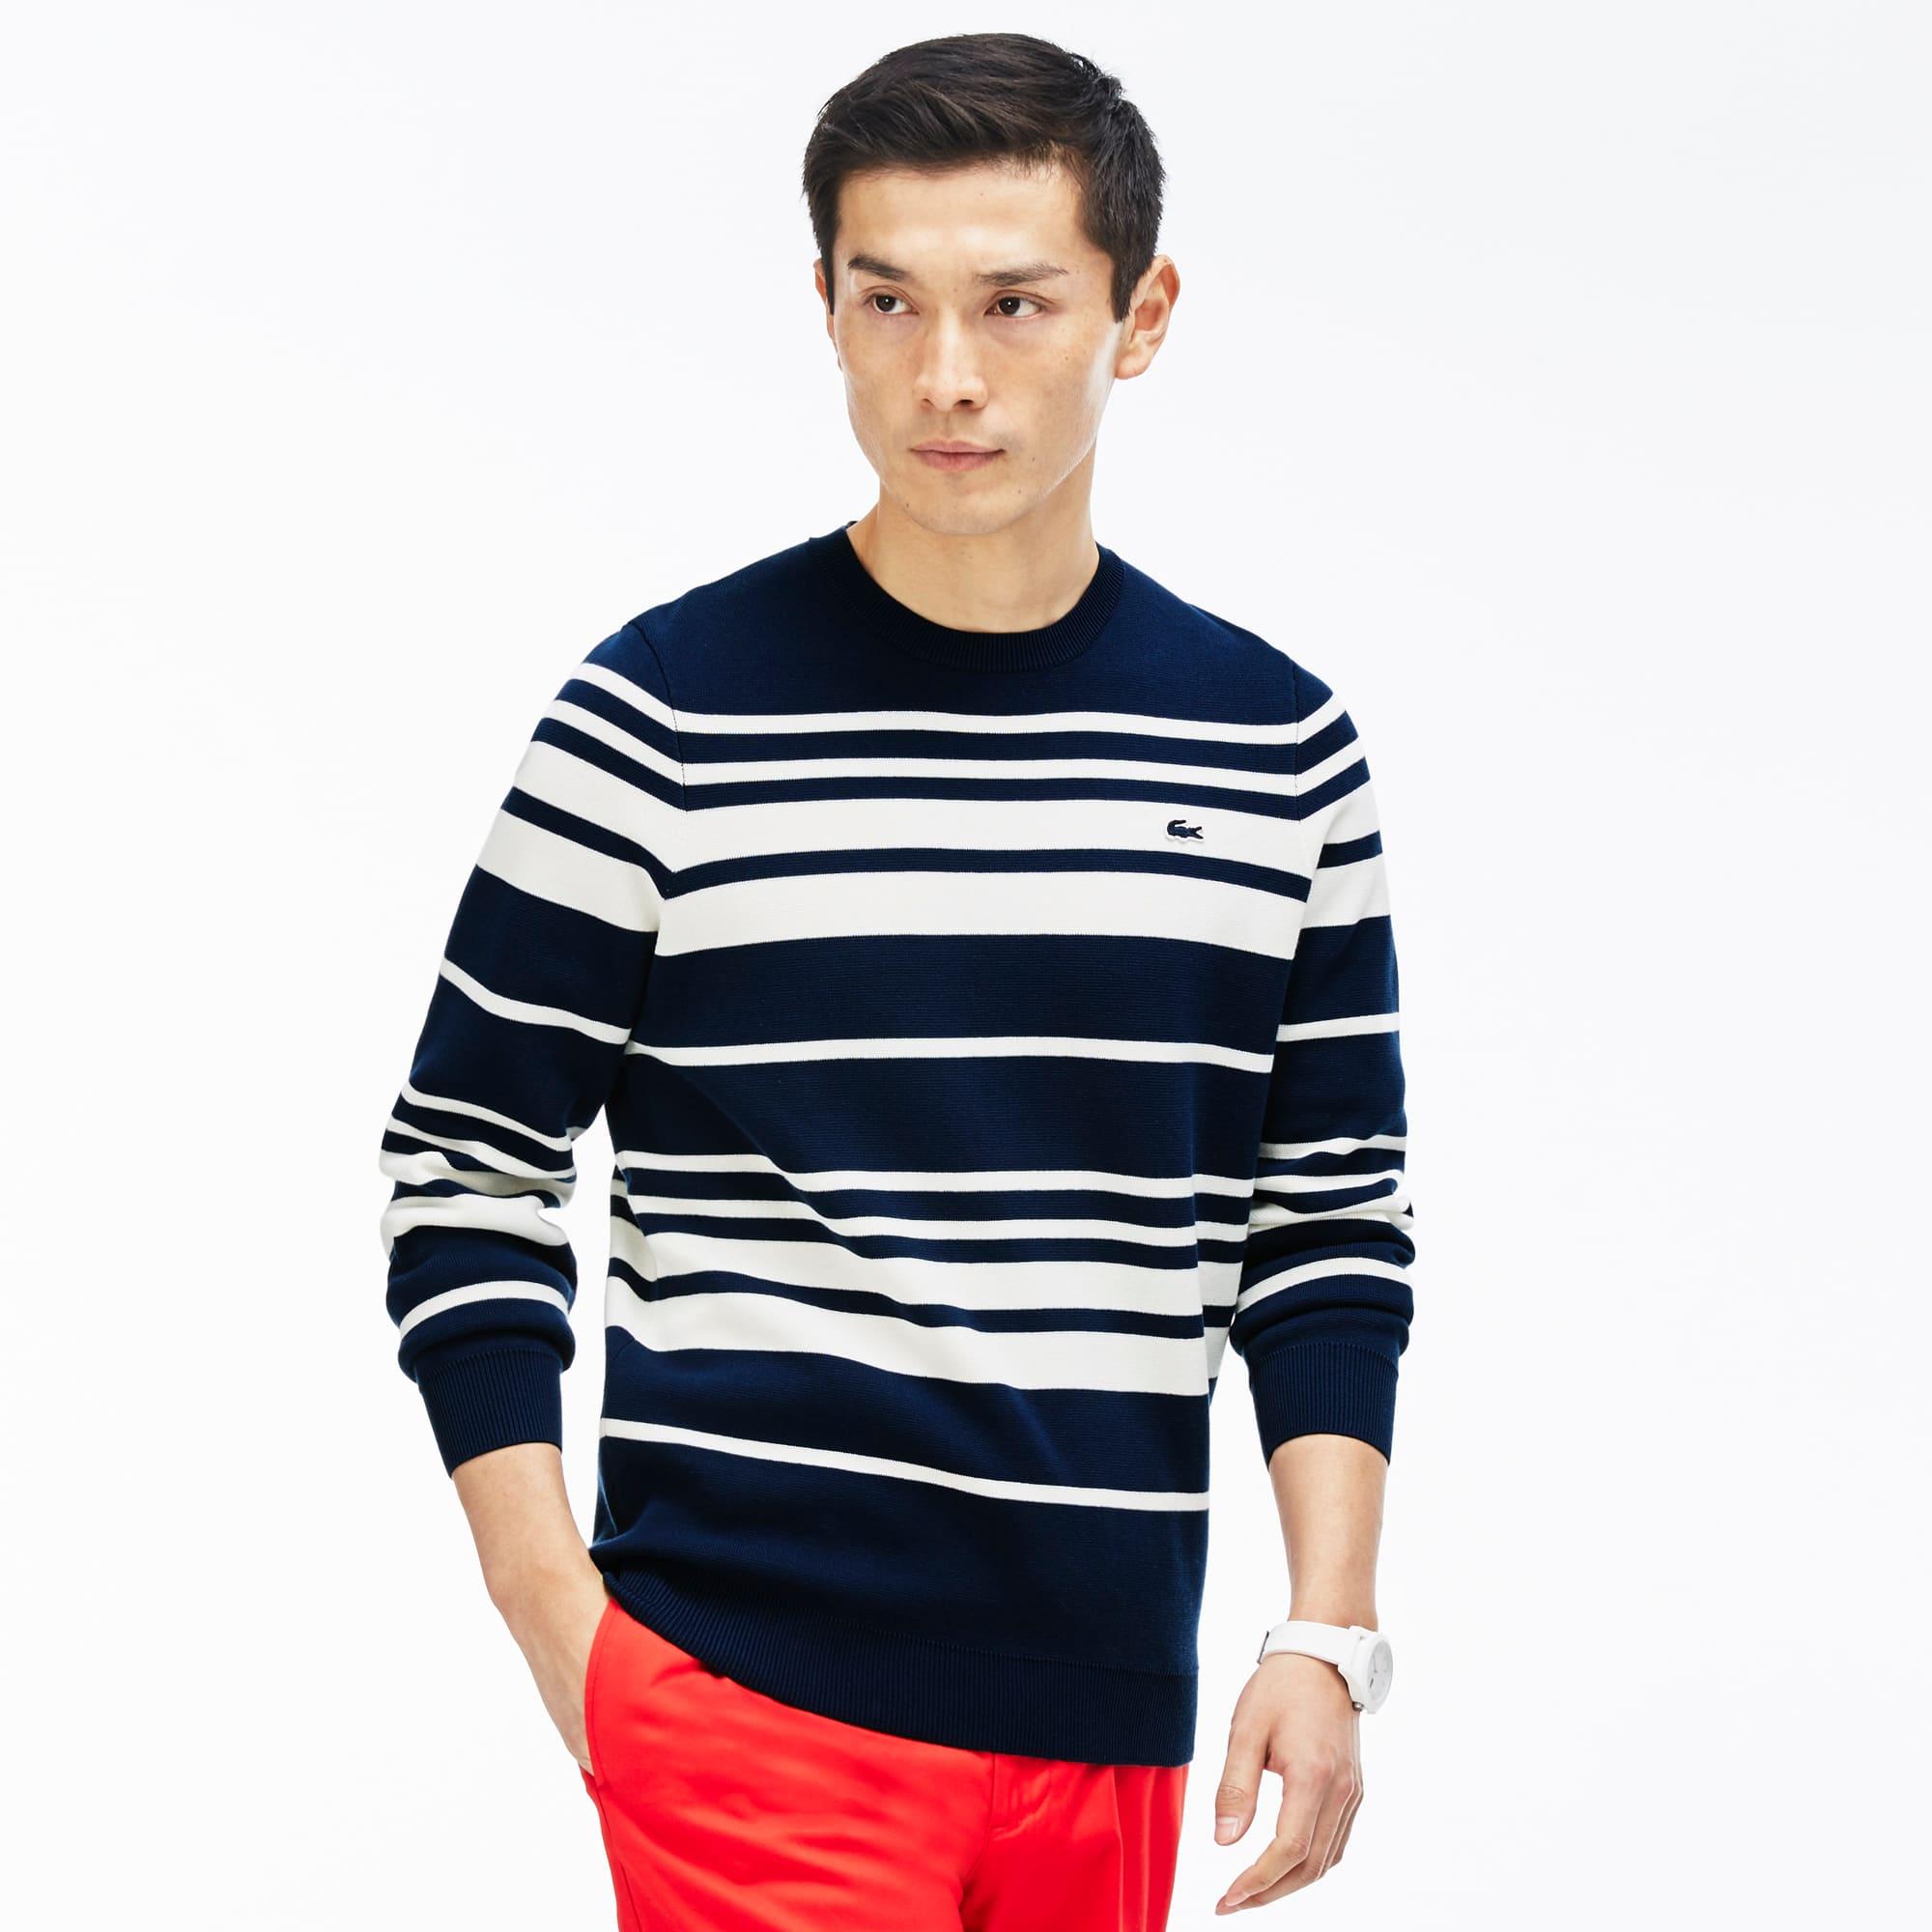 Men's Crew Neck Striped Milano Cotton Sweater | LACOSTE